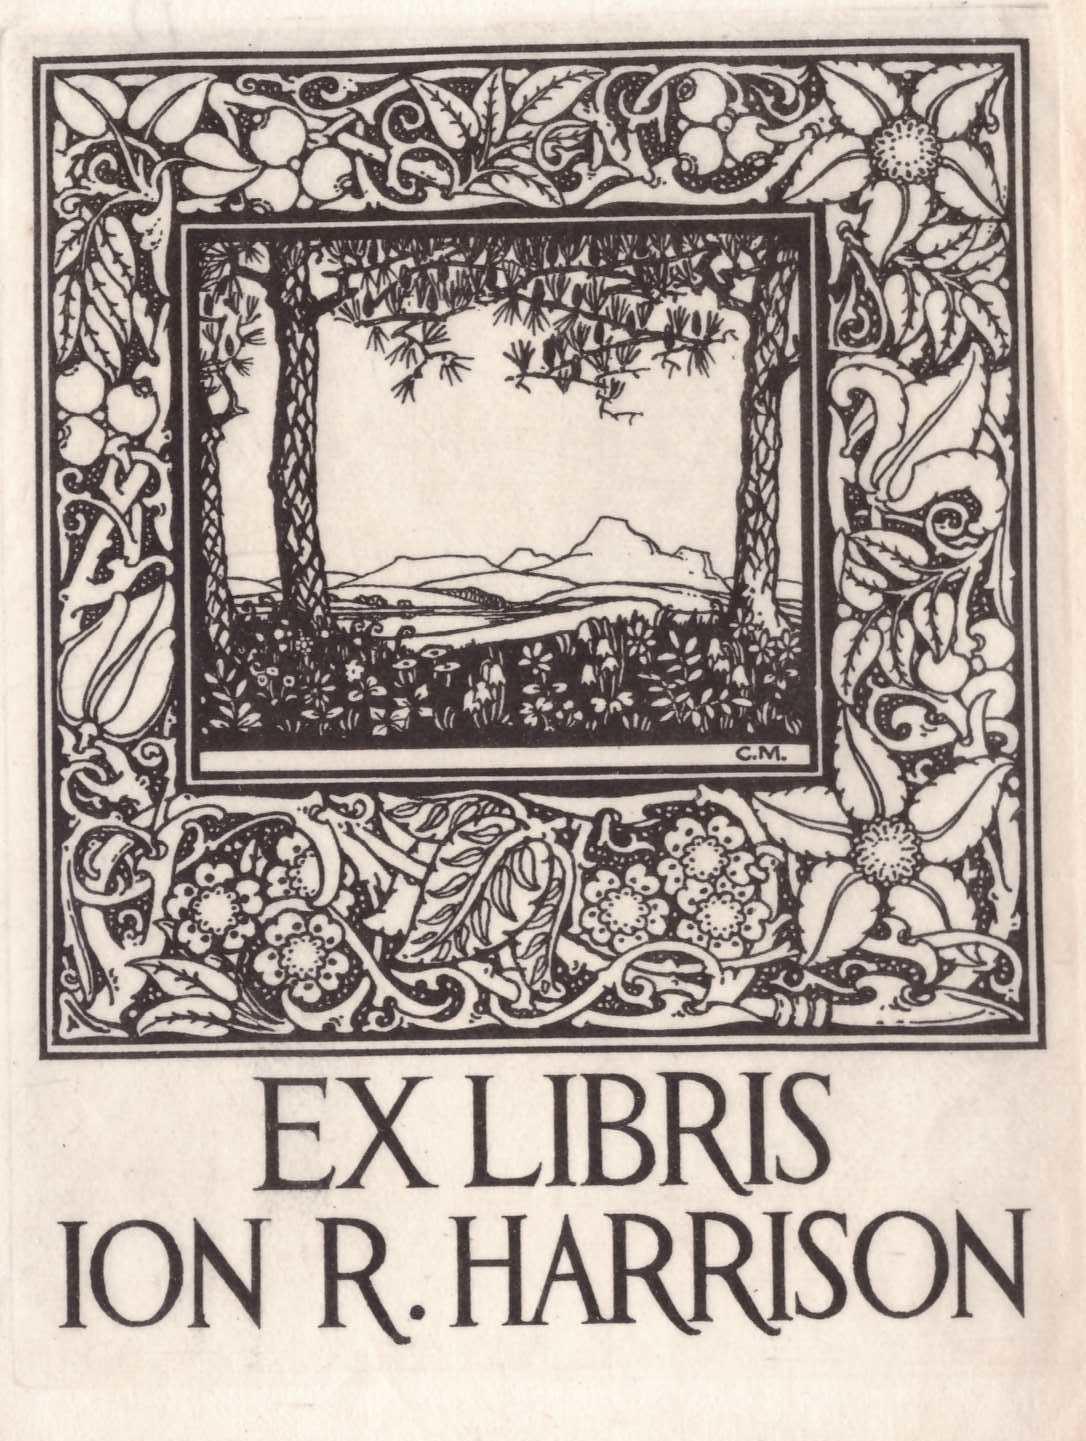 Ex libris [004]